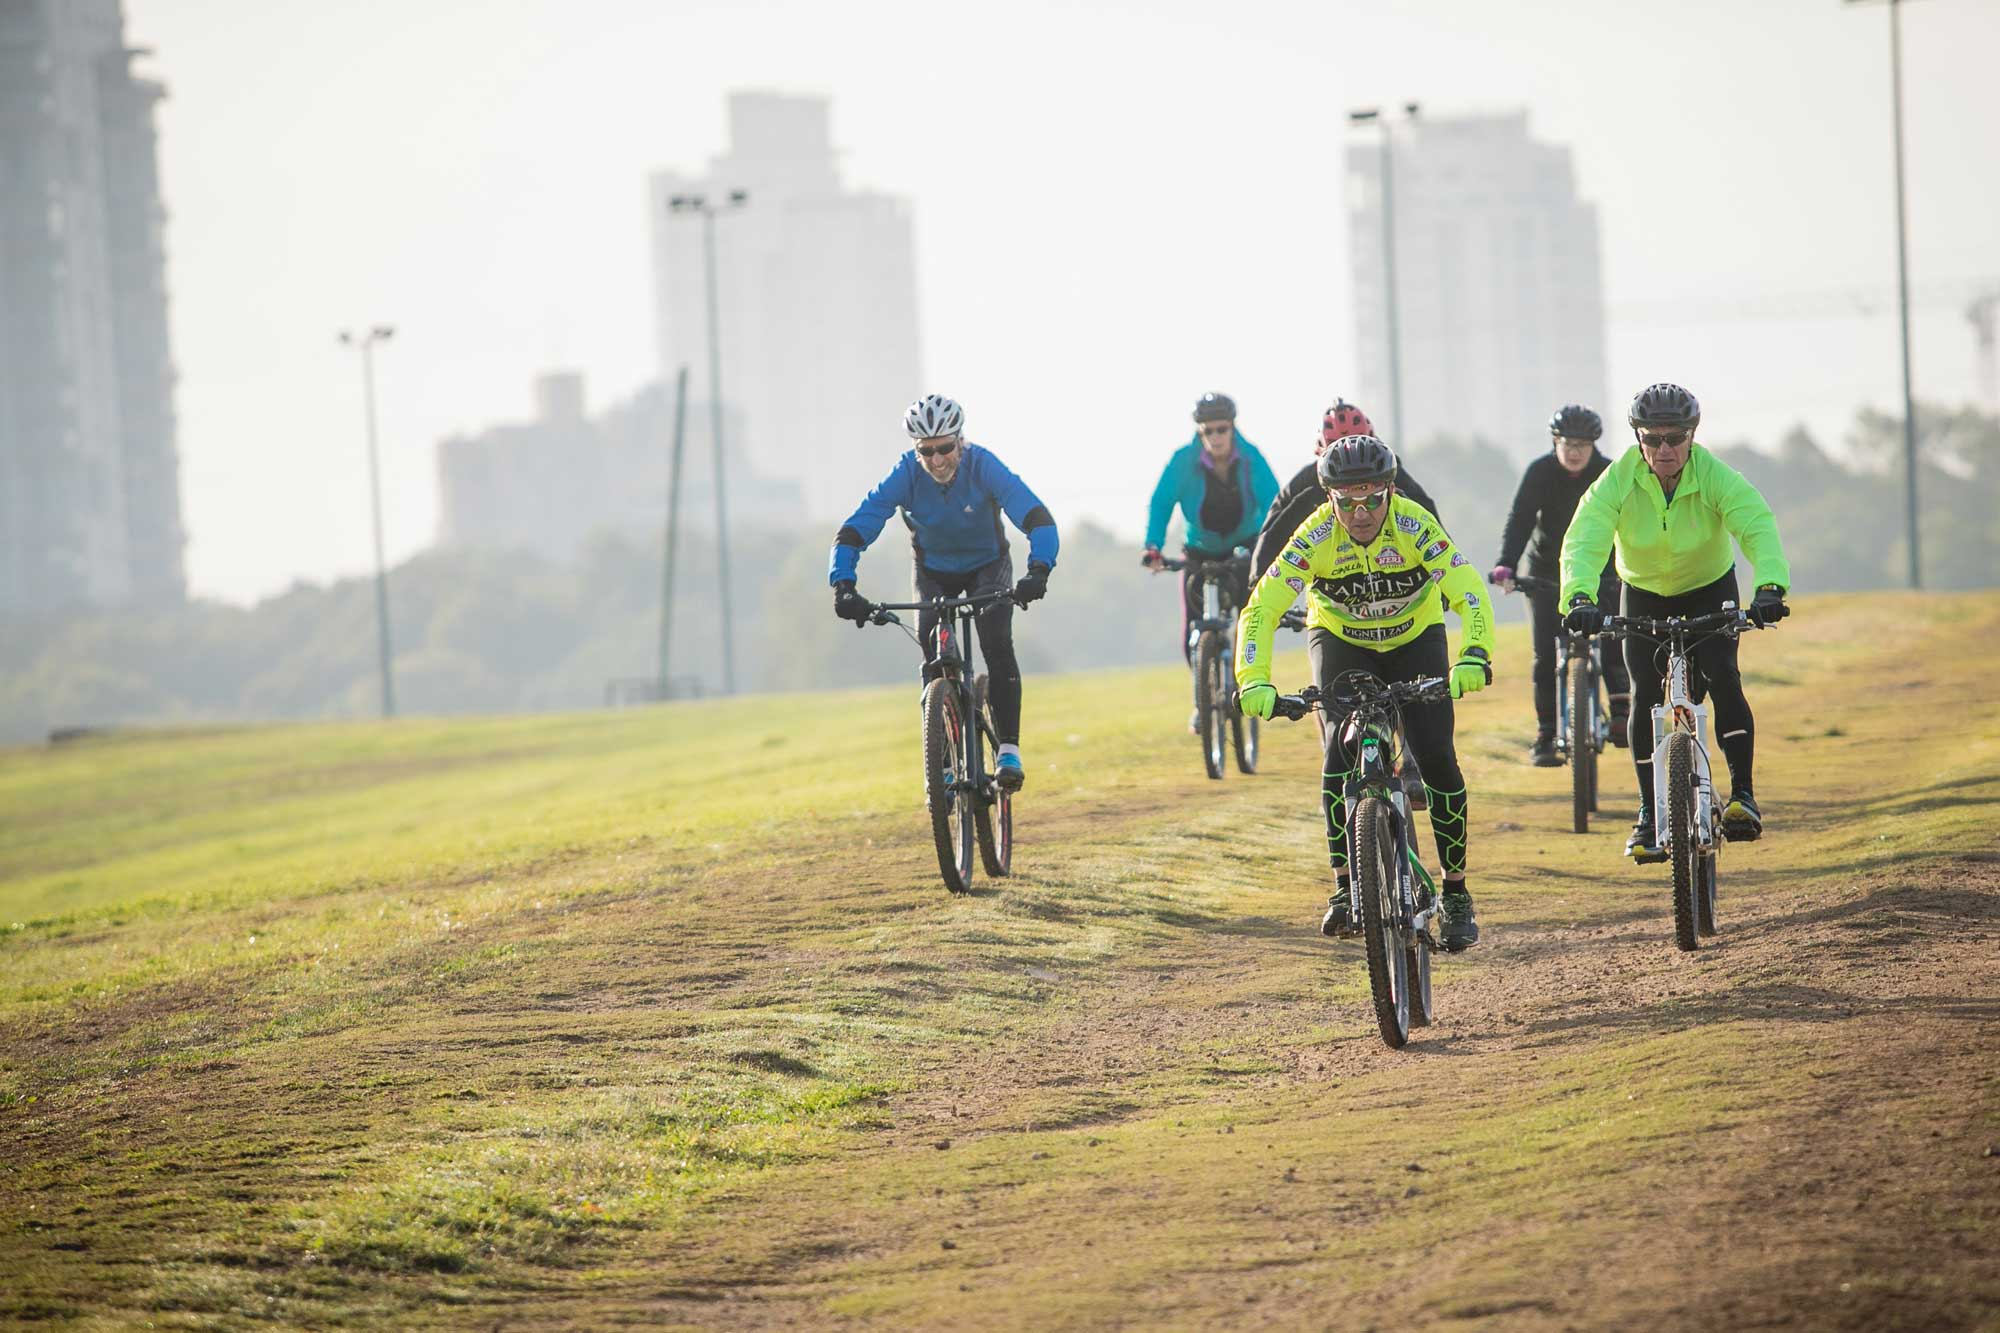 חוד רכיבה על אופניים בפארק הירקון